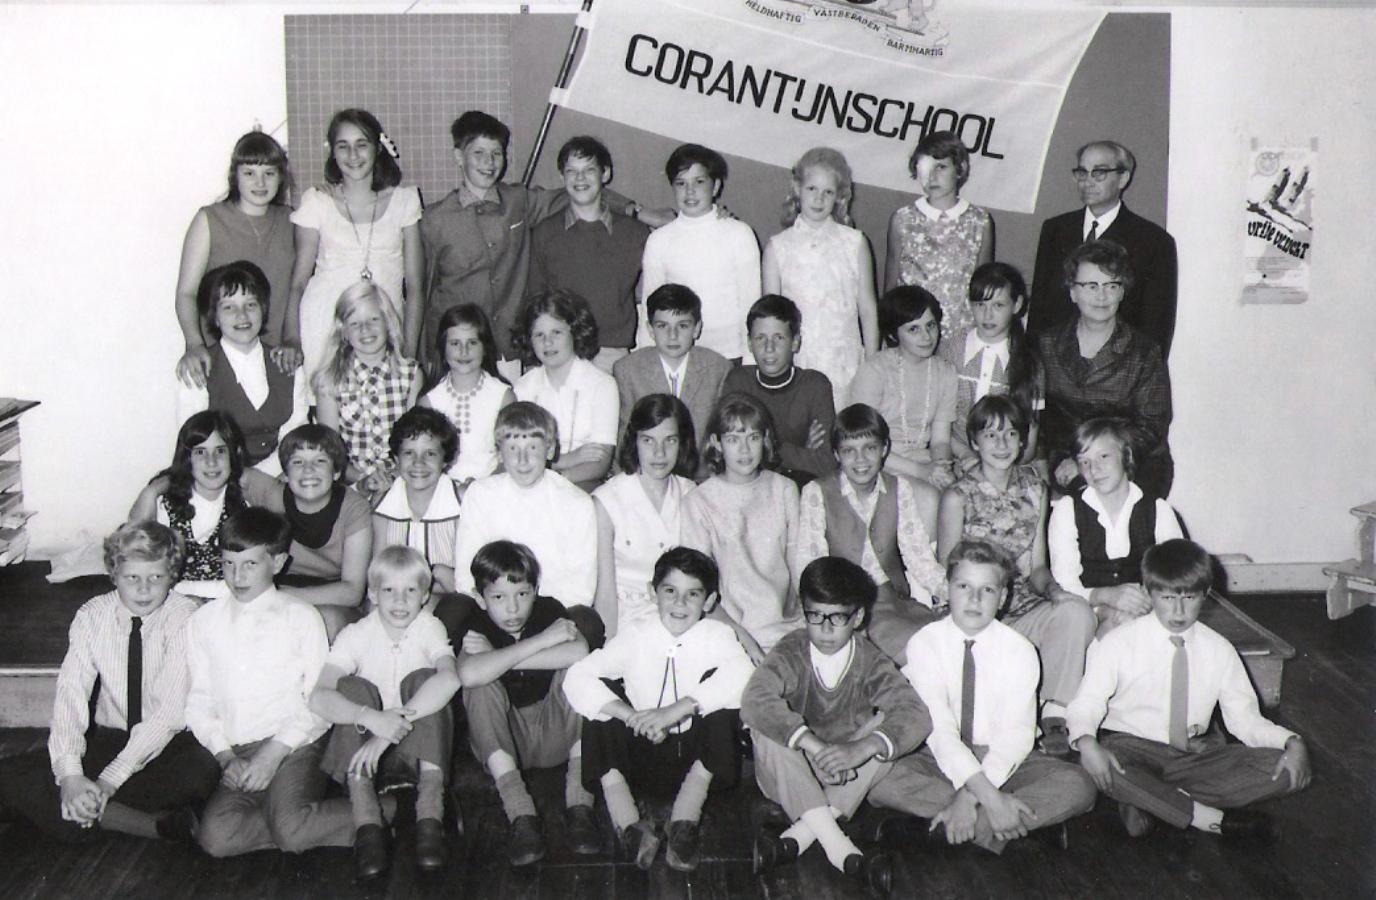 corantijnschool foto